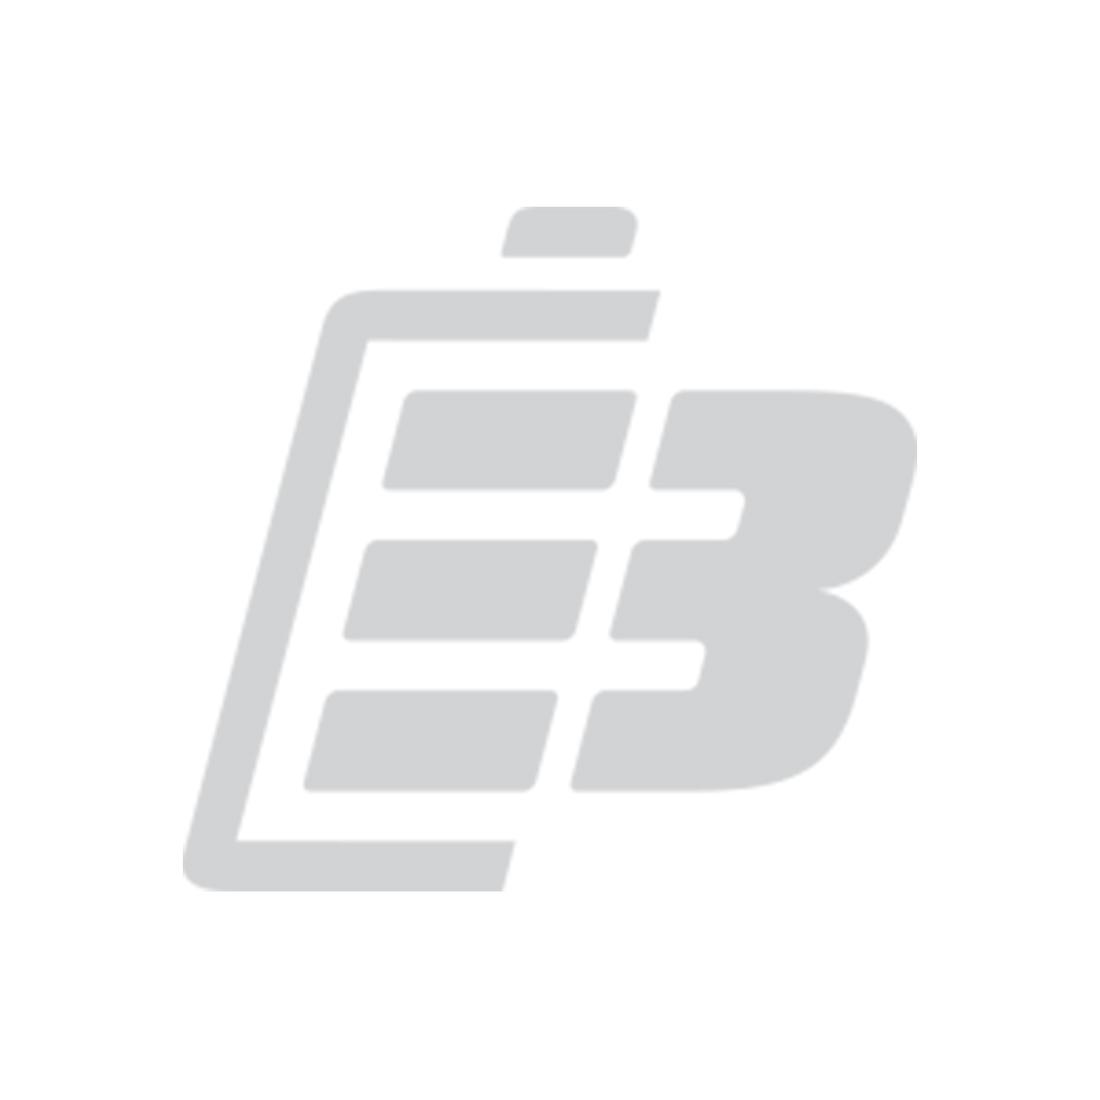 Μπαταρια Μολυβδου Multipower 6V 20Ah